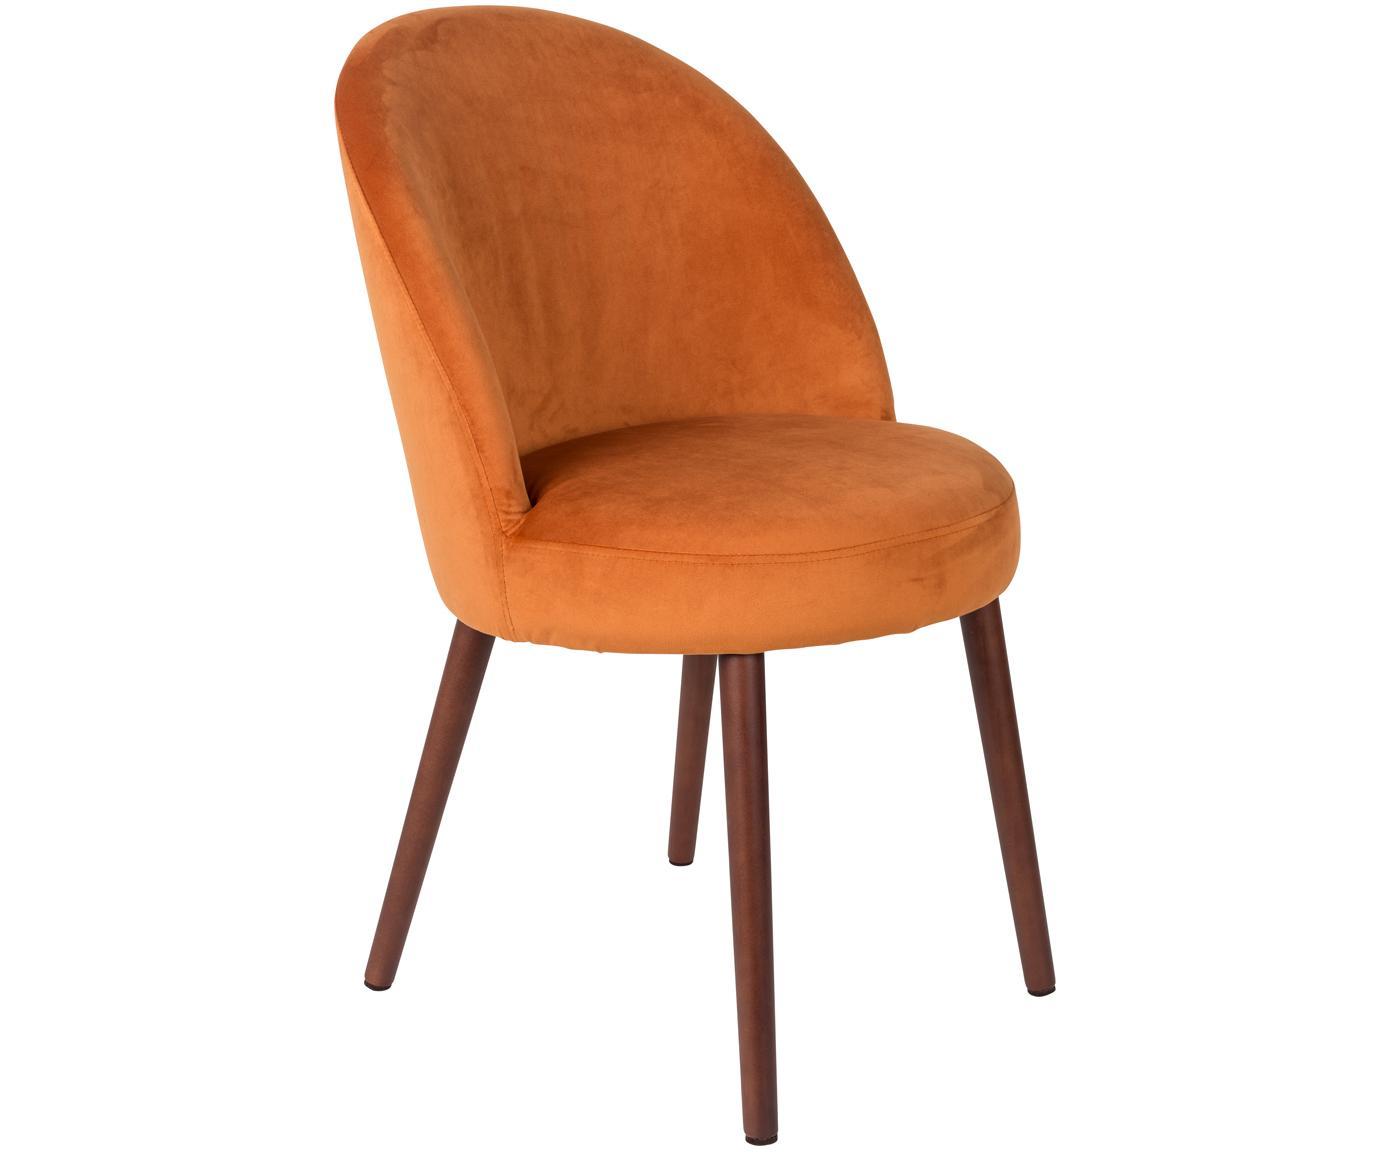 Krzesło tapicerowane z aksamitu Barbara, Tapicerka: 100% poliester, Nogi: drewno bukowe, lakierowan, Tapicerka: pianka poliuretanowa Tapi, Aksamitny pomarańczowy, S 51 x G 59 cm